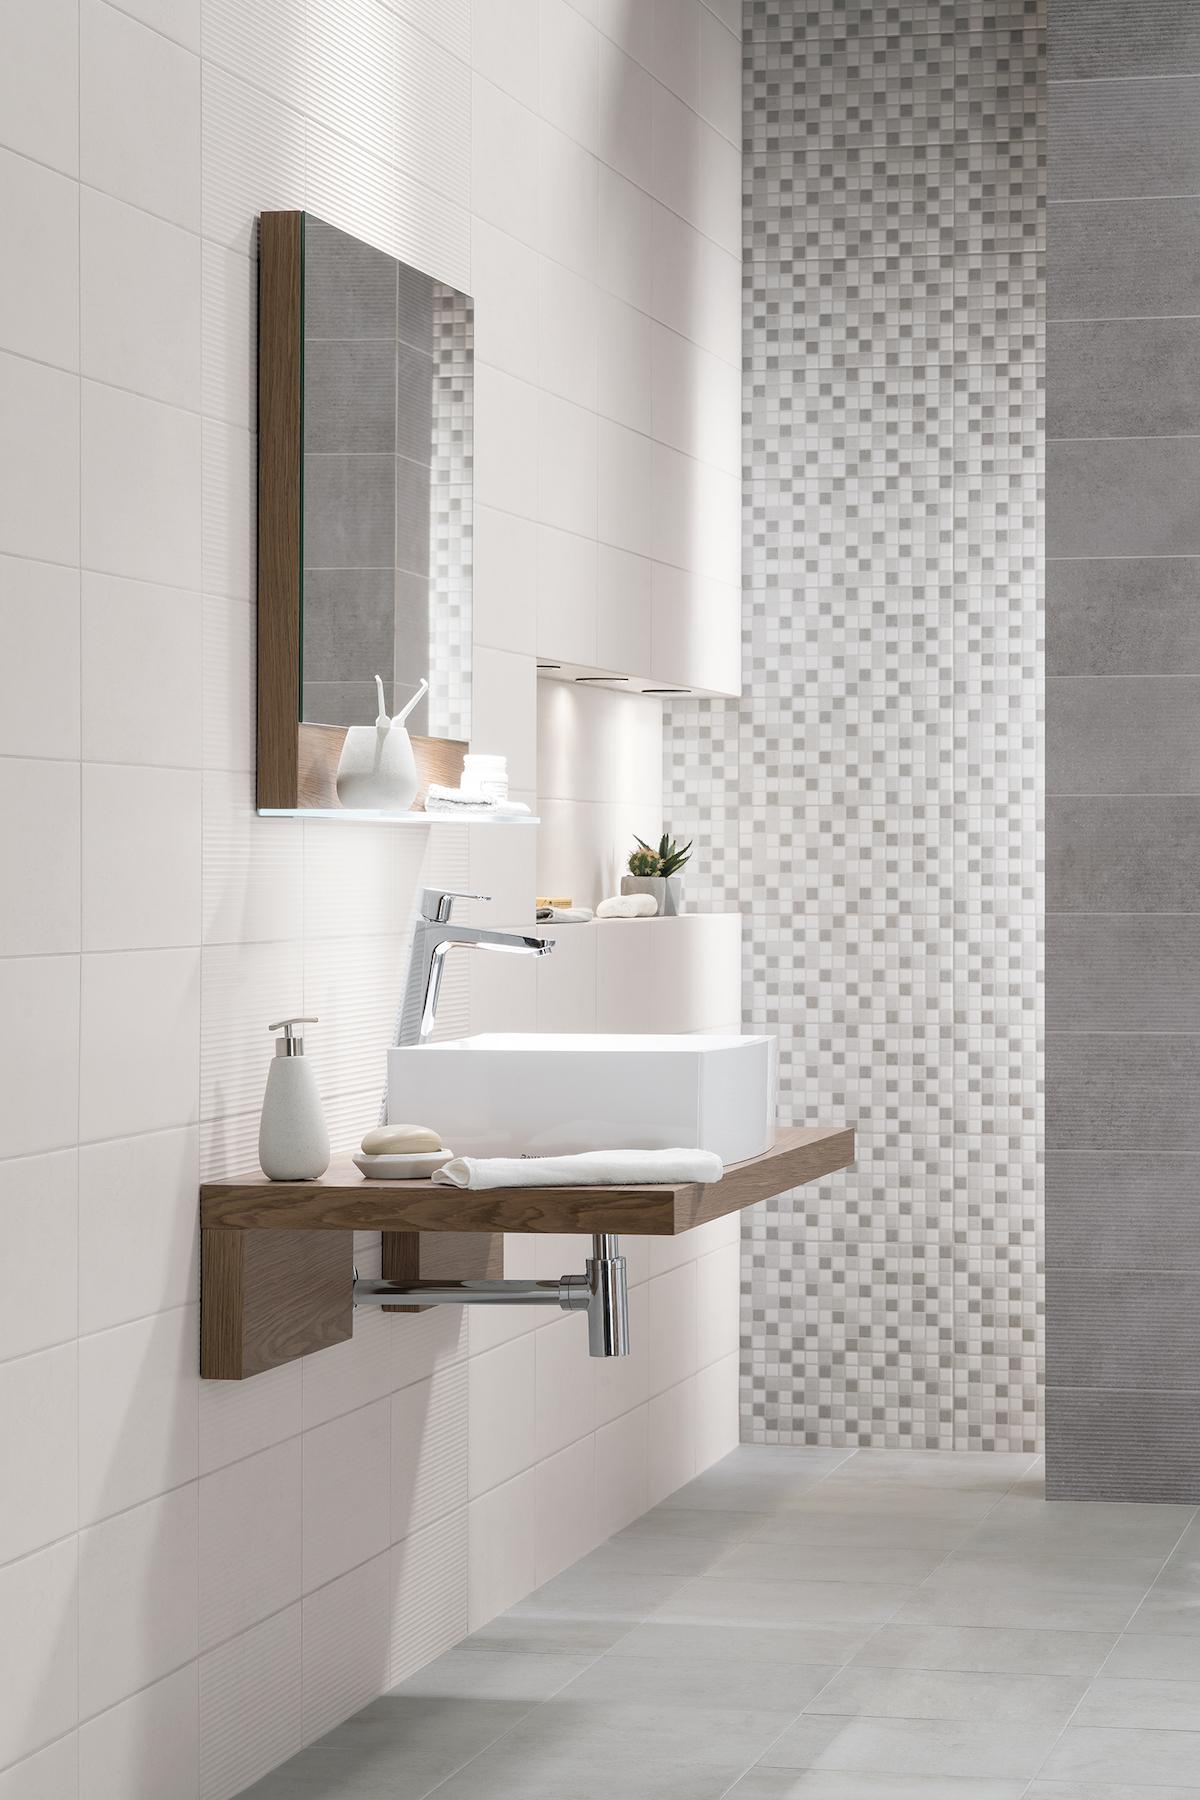 Bílá koupelna s hranatým umyvadlem